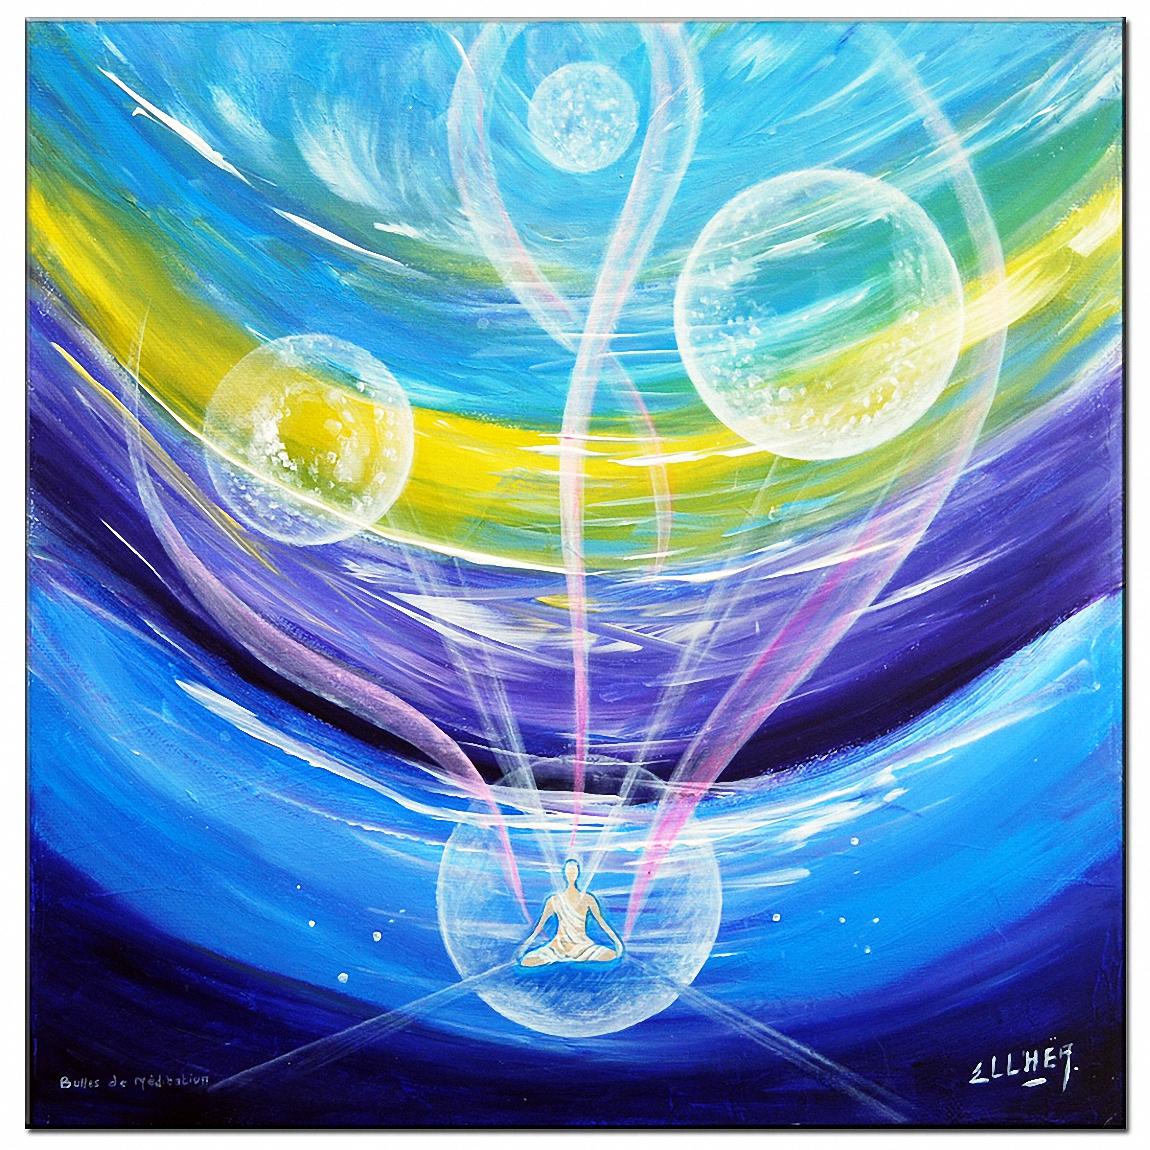 peinture-abstraite-meditation-ellheap5